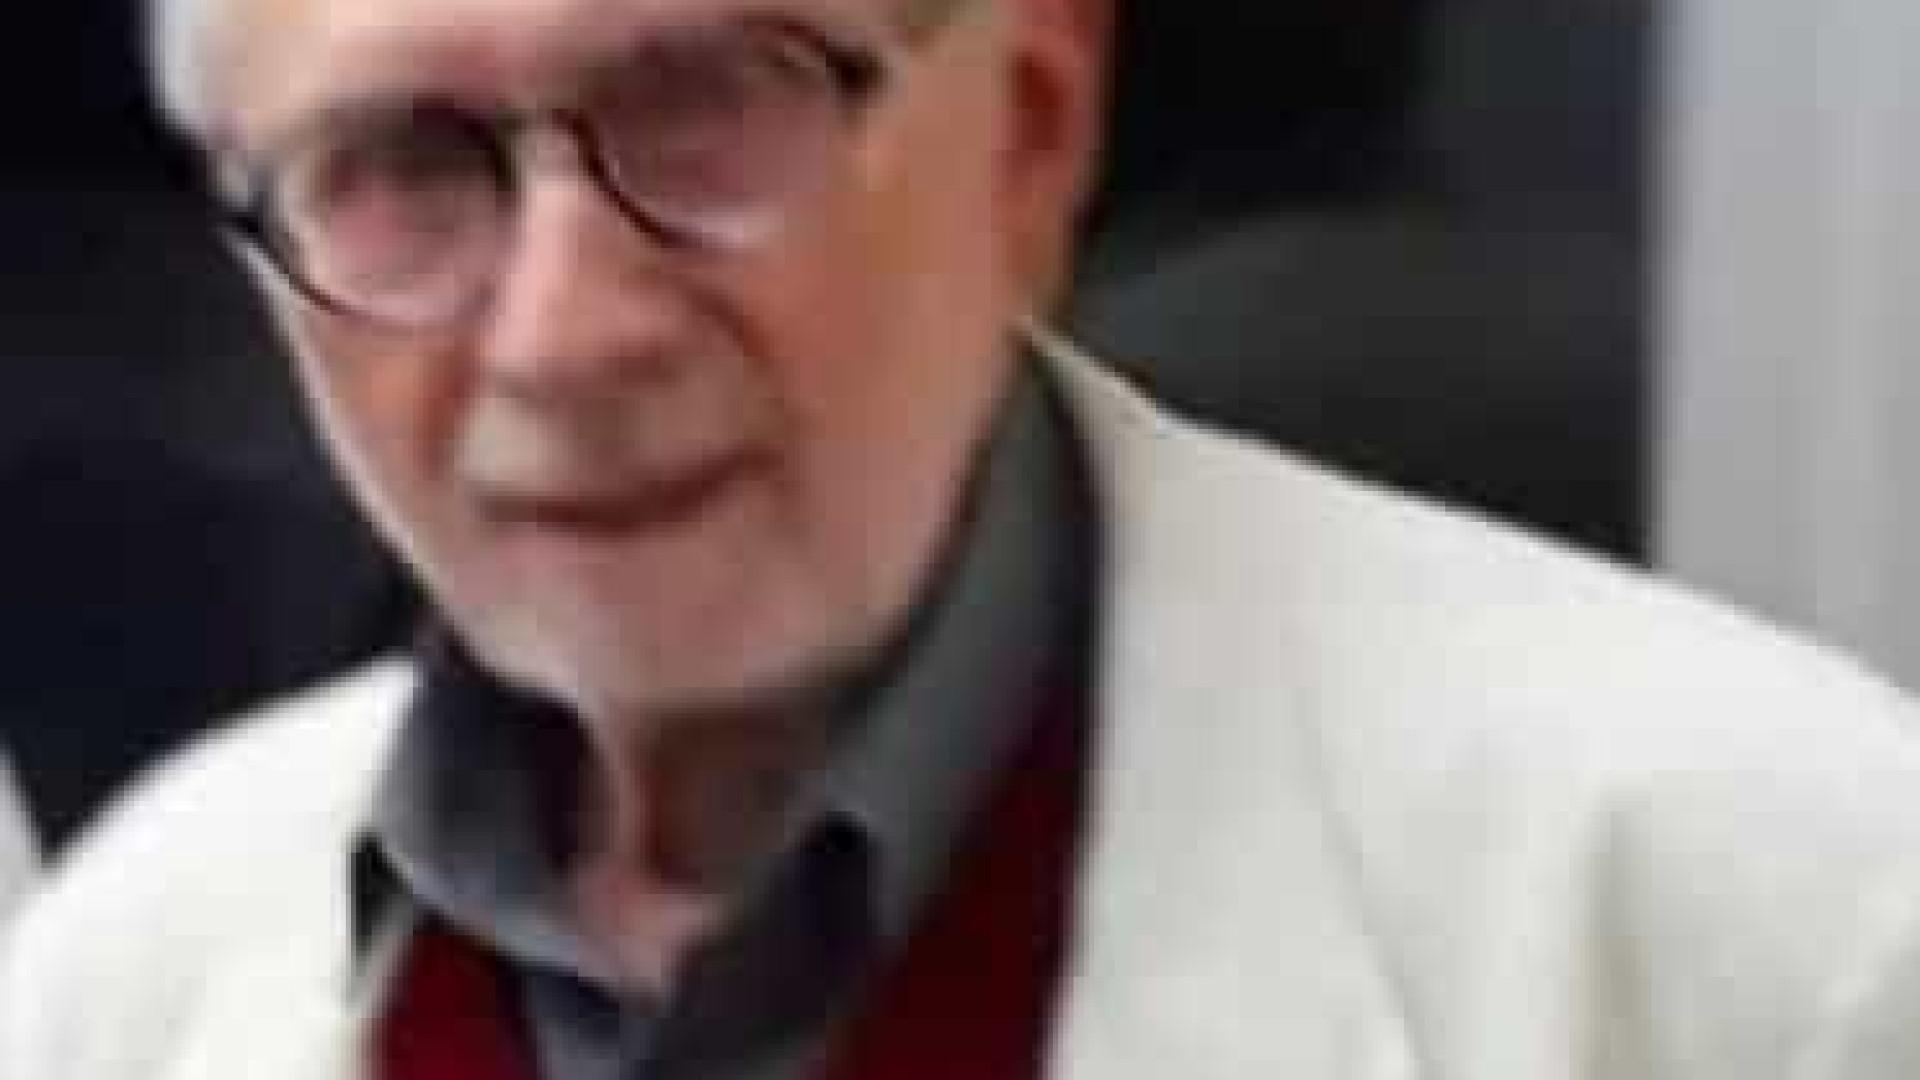 Morre Victor Knoll, professor de filosofia da USP, aos 85 anos